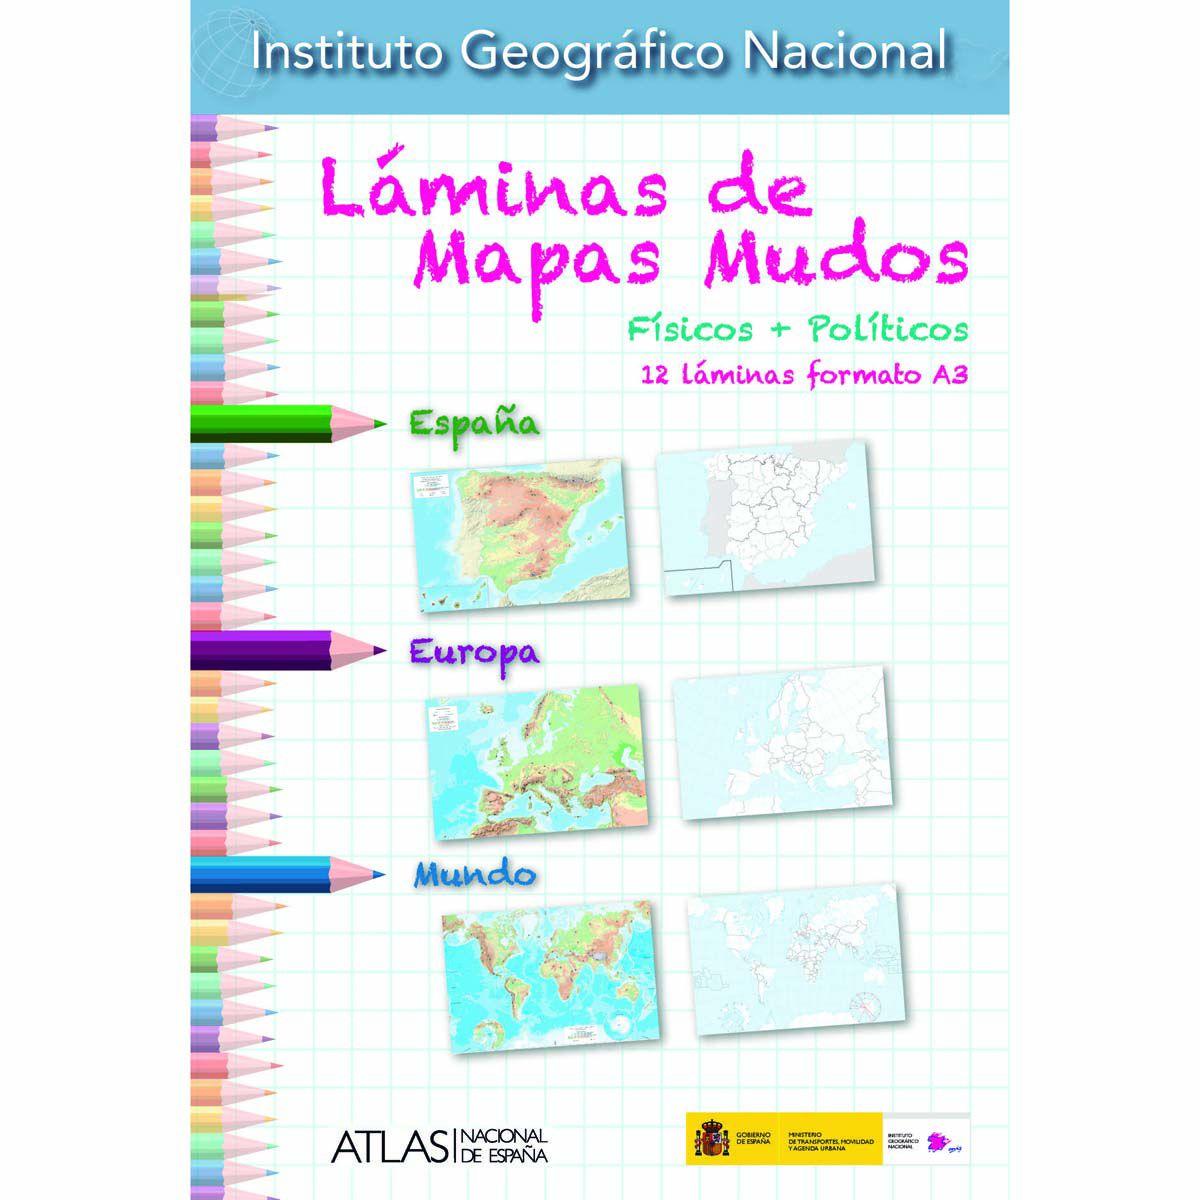 Láminas de Mapas Mudos (físicos + políticos) 12 láminas formato A3